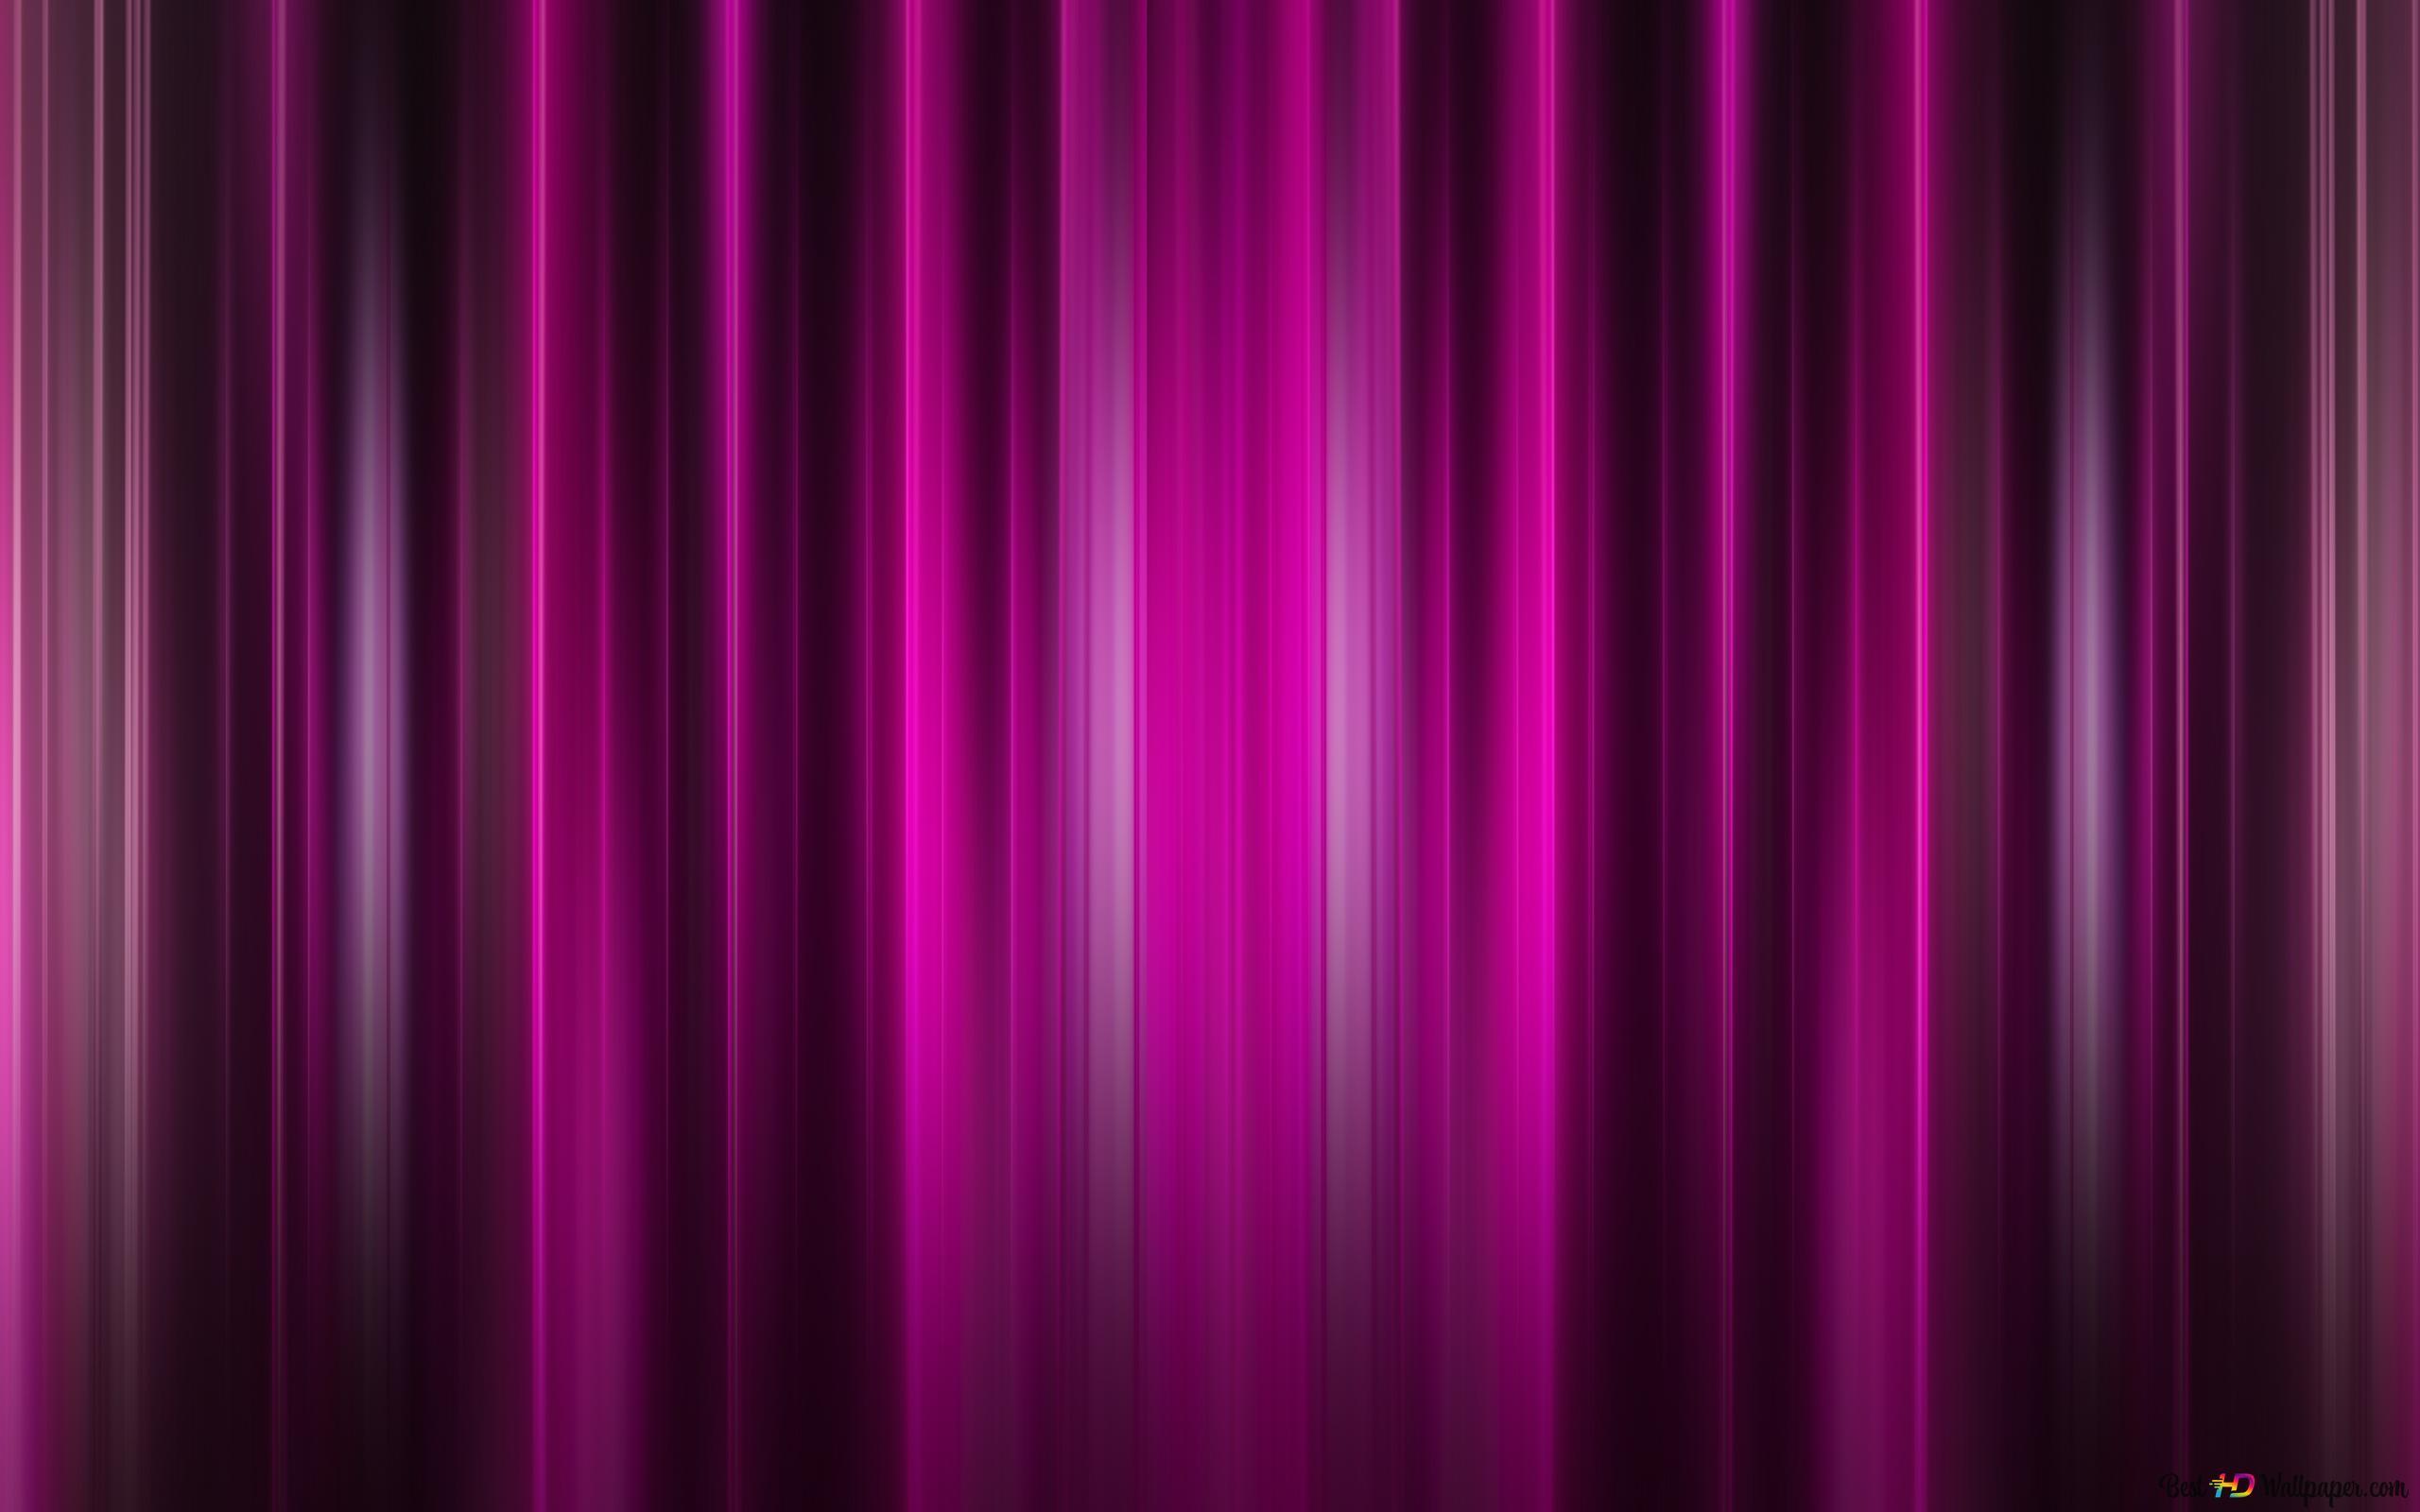 縦のピンクのストライプ Hd壁紙のダウンロード